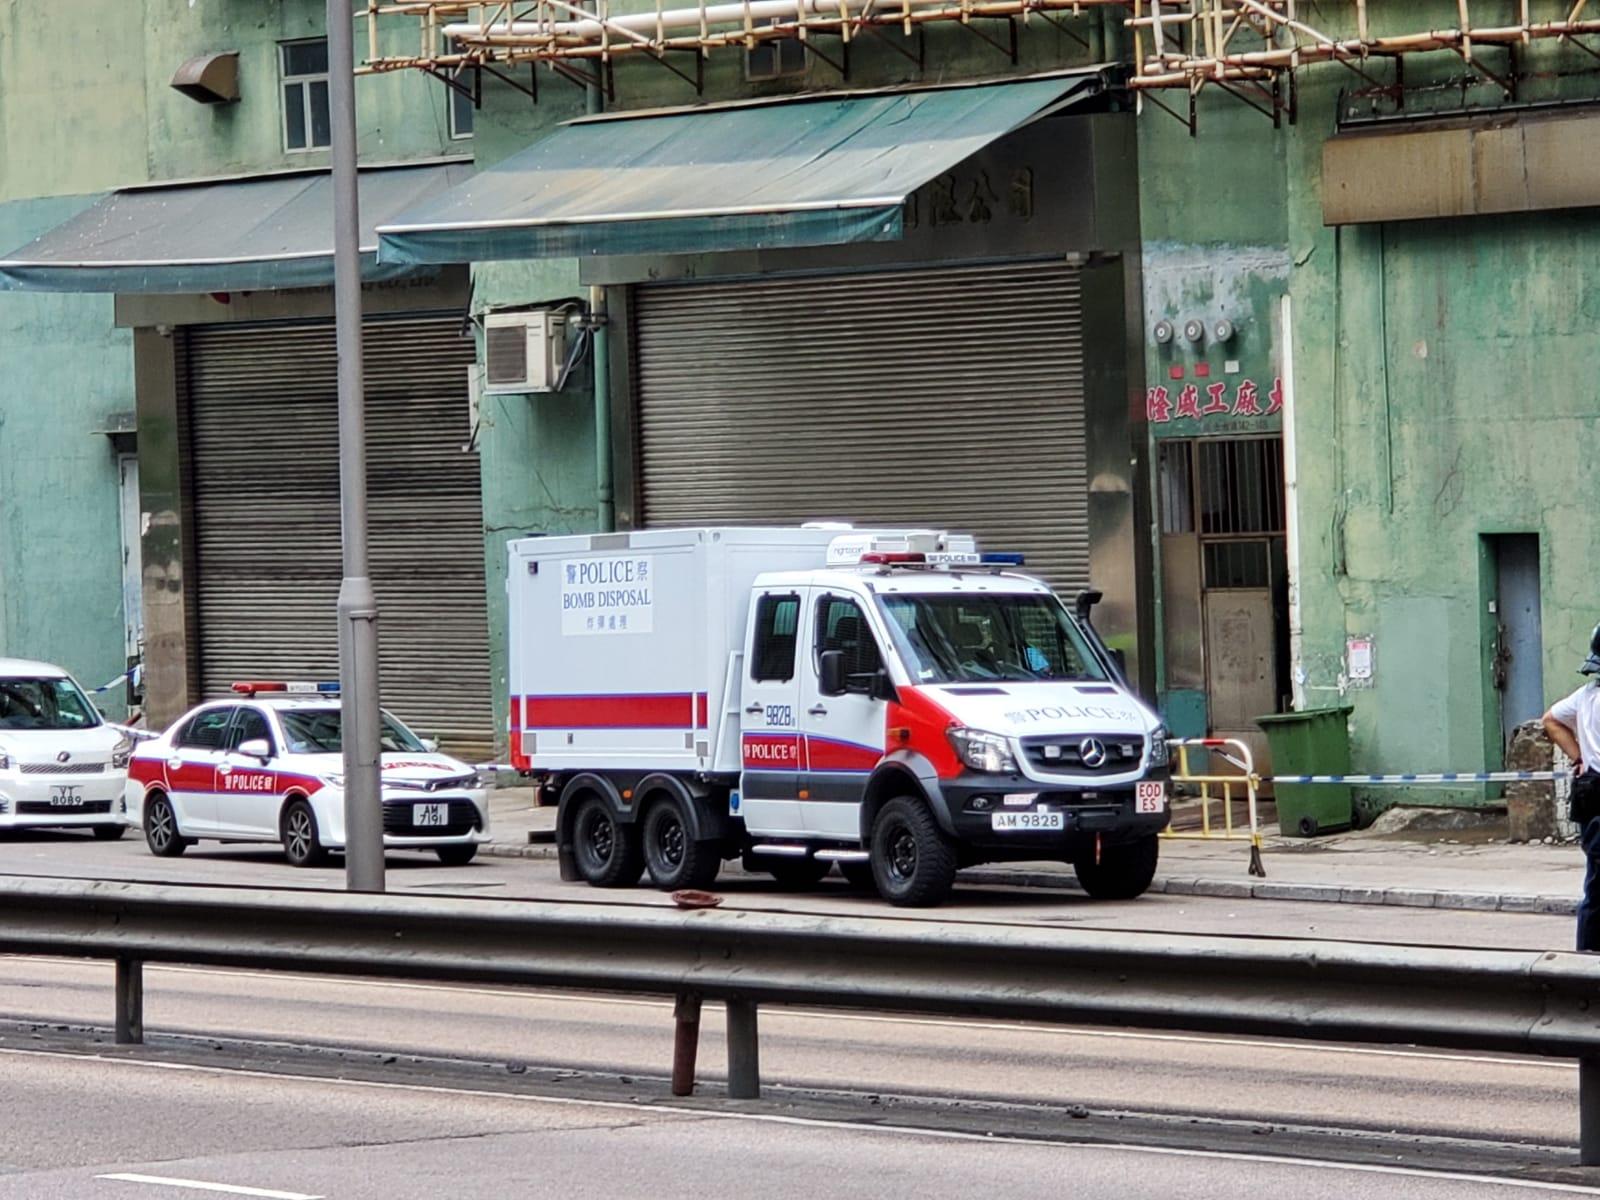 爆炸品處理課人員到場調查。